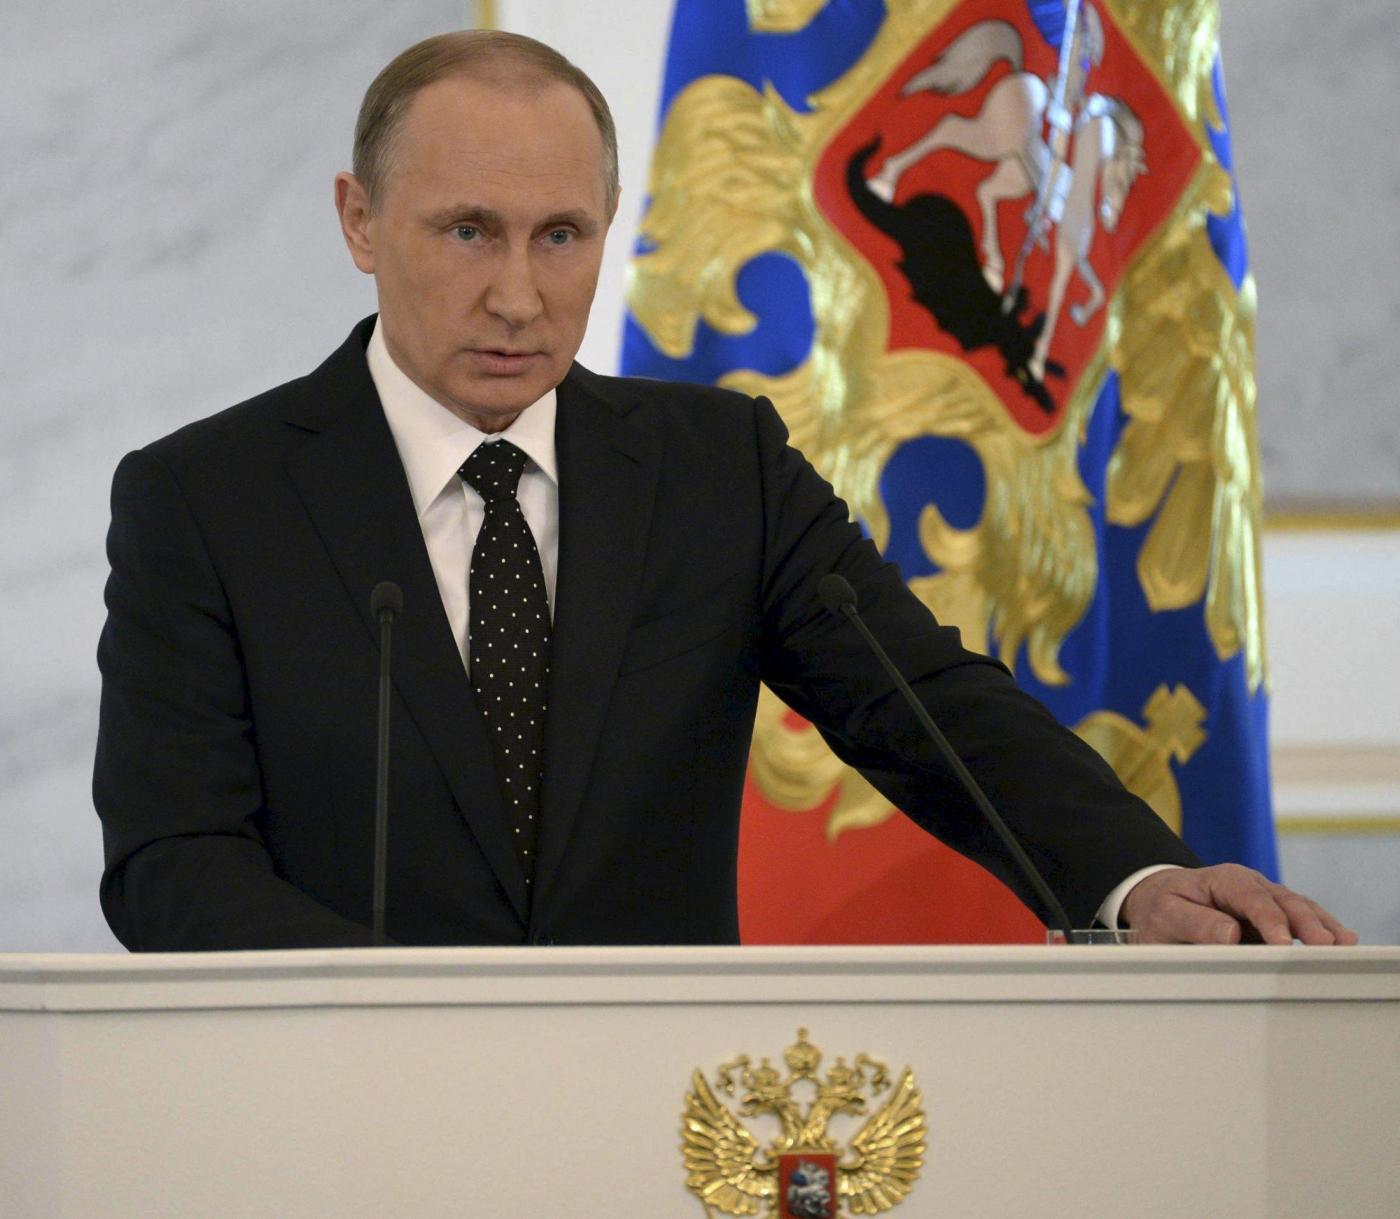 La minaccia di Putin: 'Spero non servano le armi nucleari'